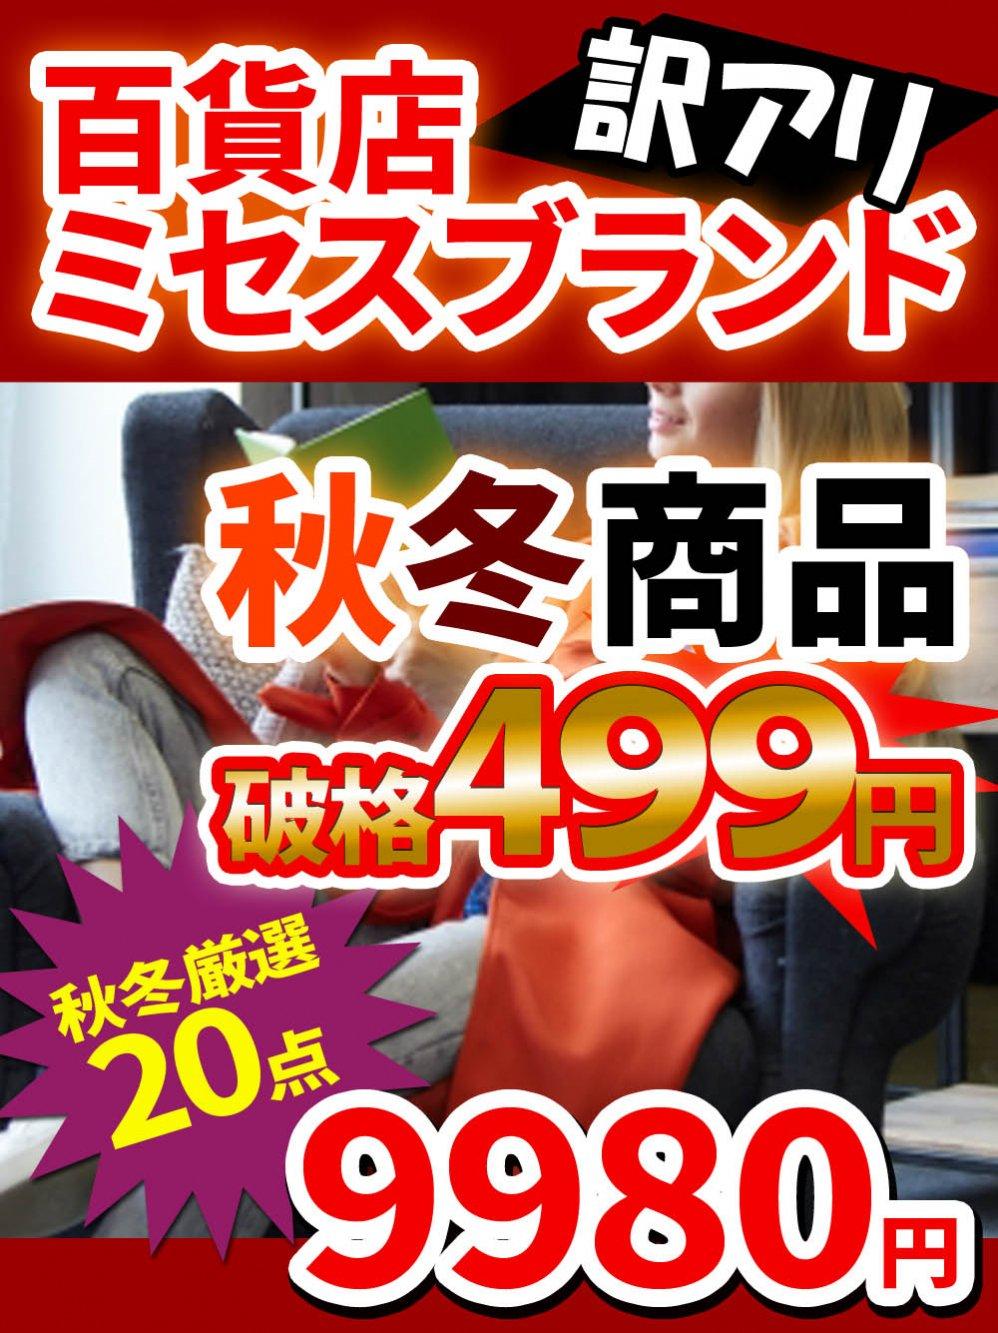 【訳アリ】百貨店ミセスブランドの秋冬モノ20点@499